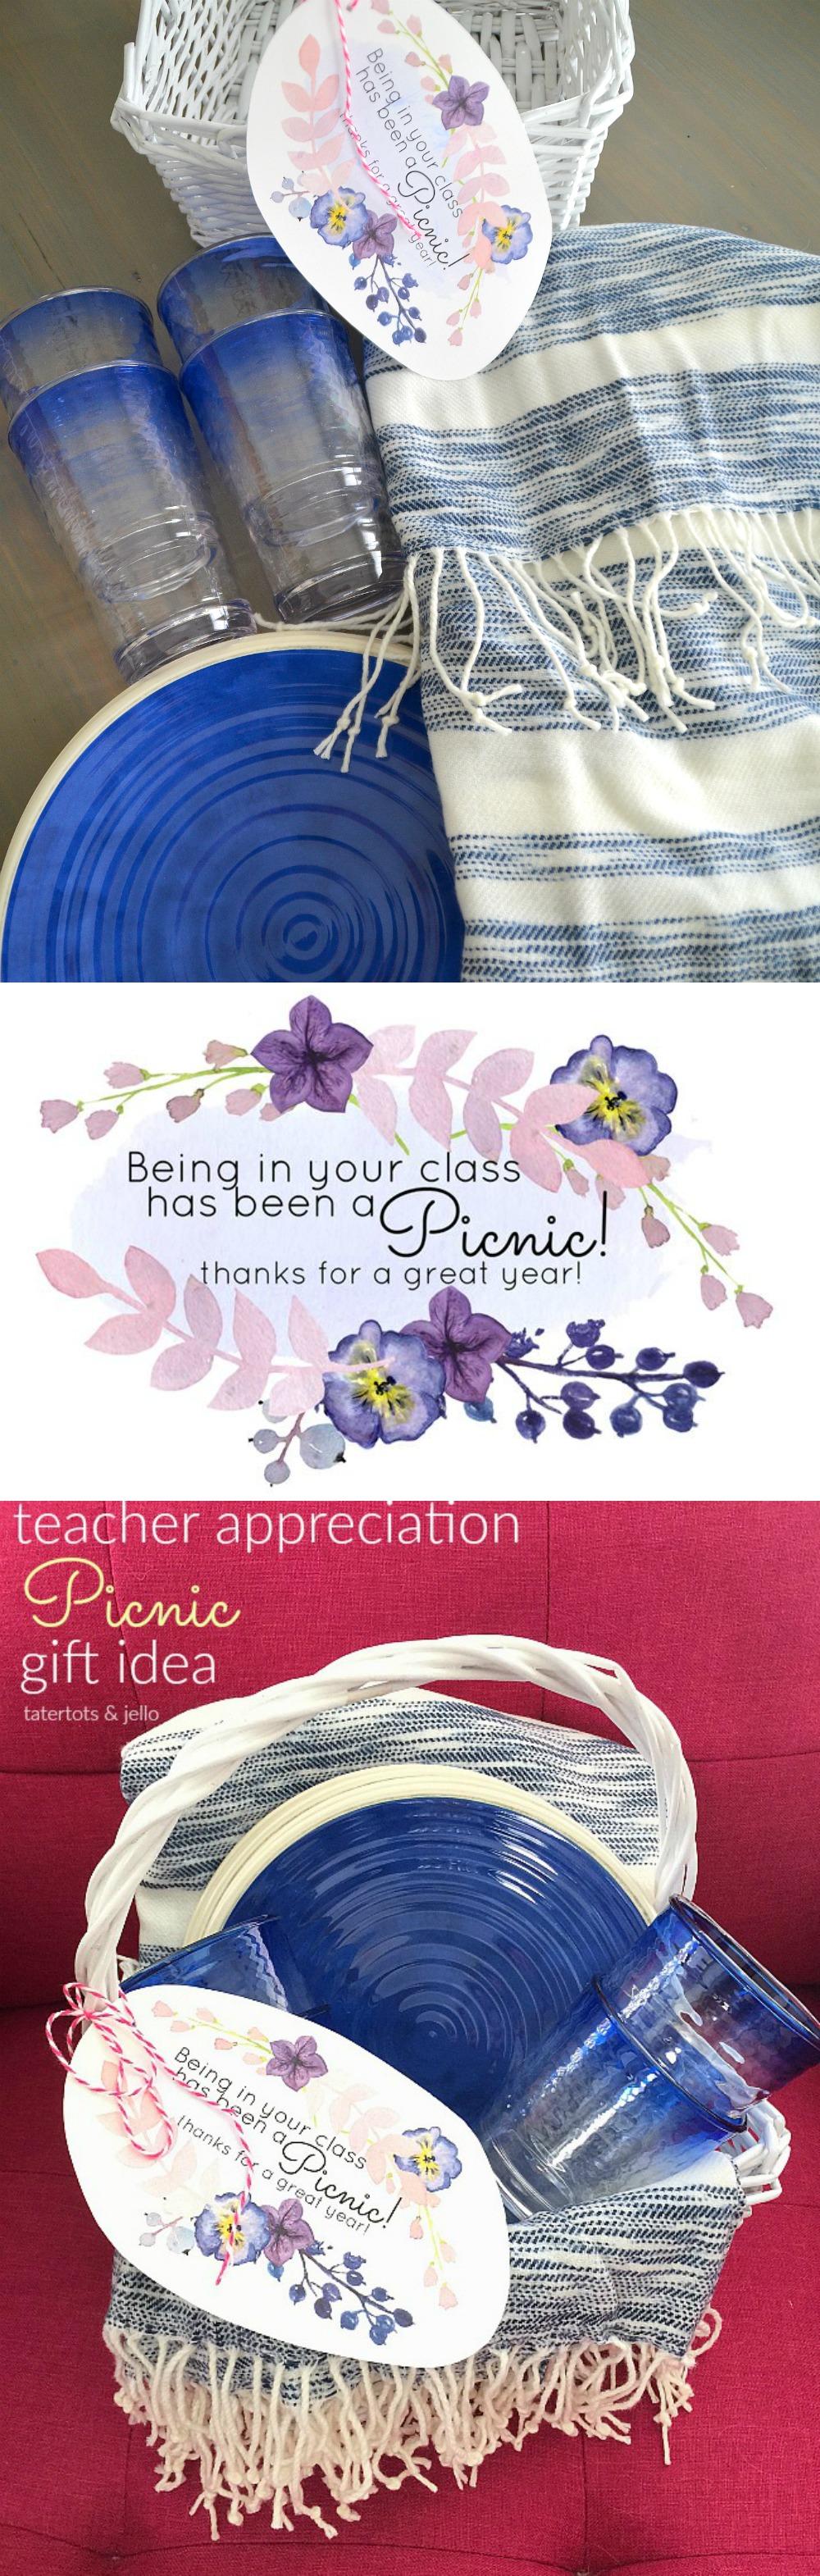 teacher appreciation picnic gift idea